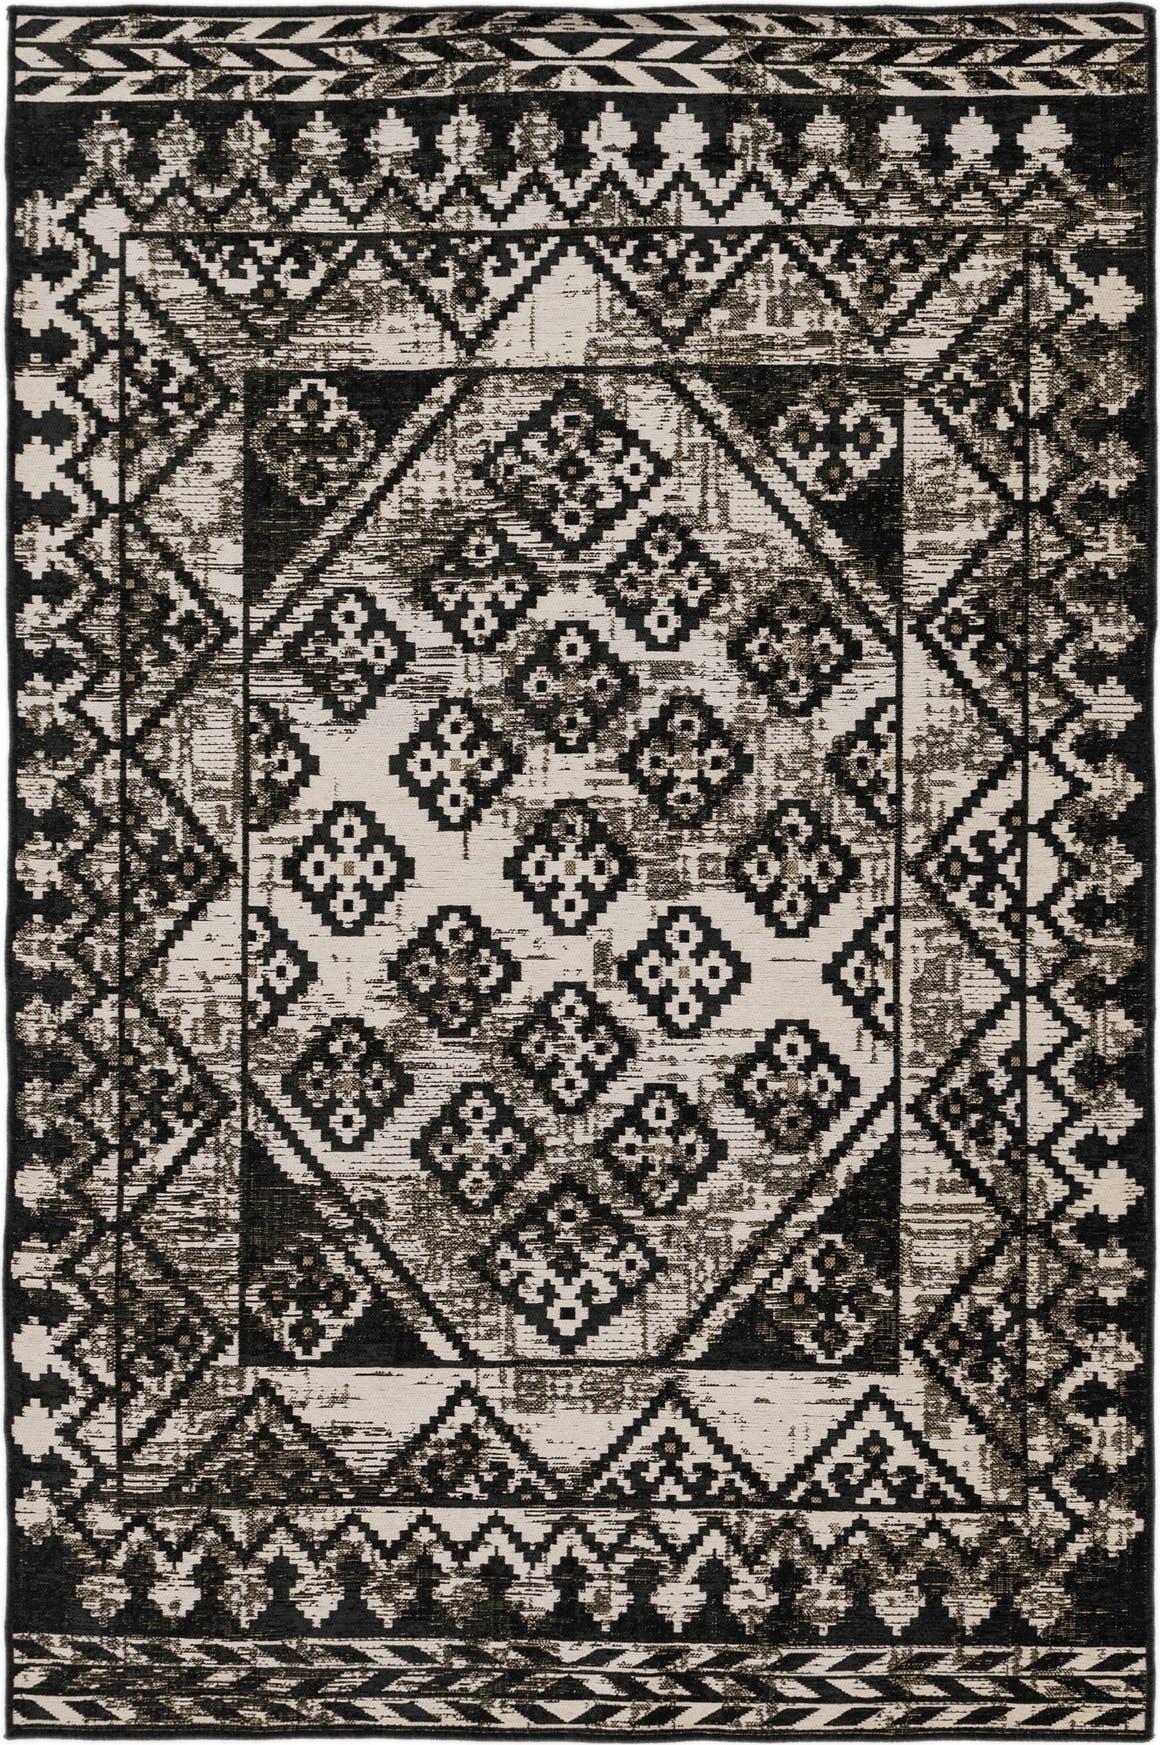 7' x 10' Nomad Rug main image